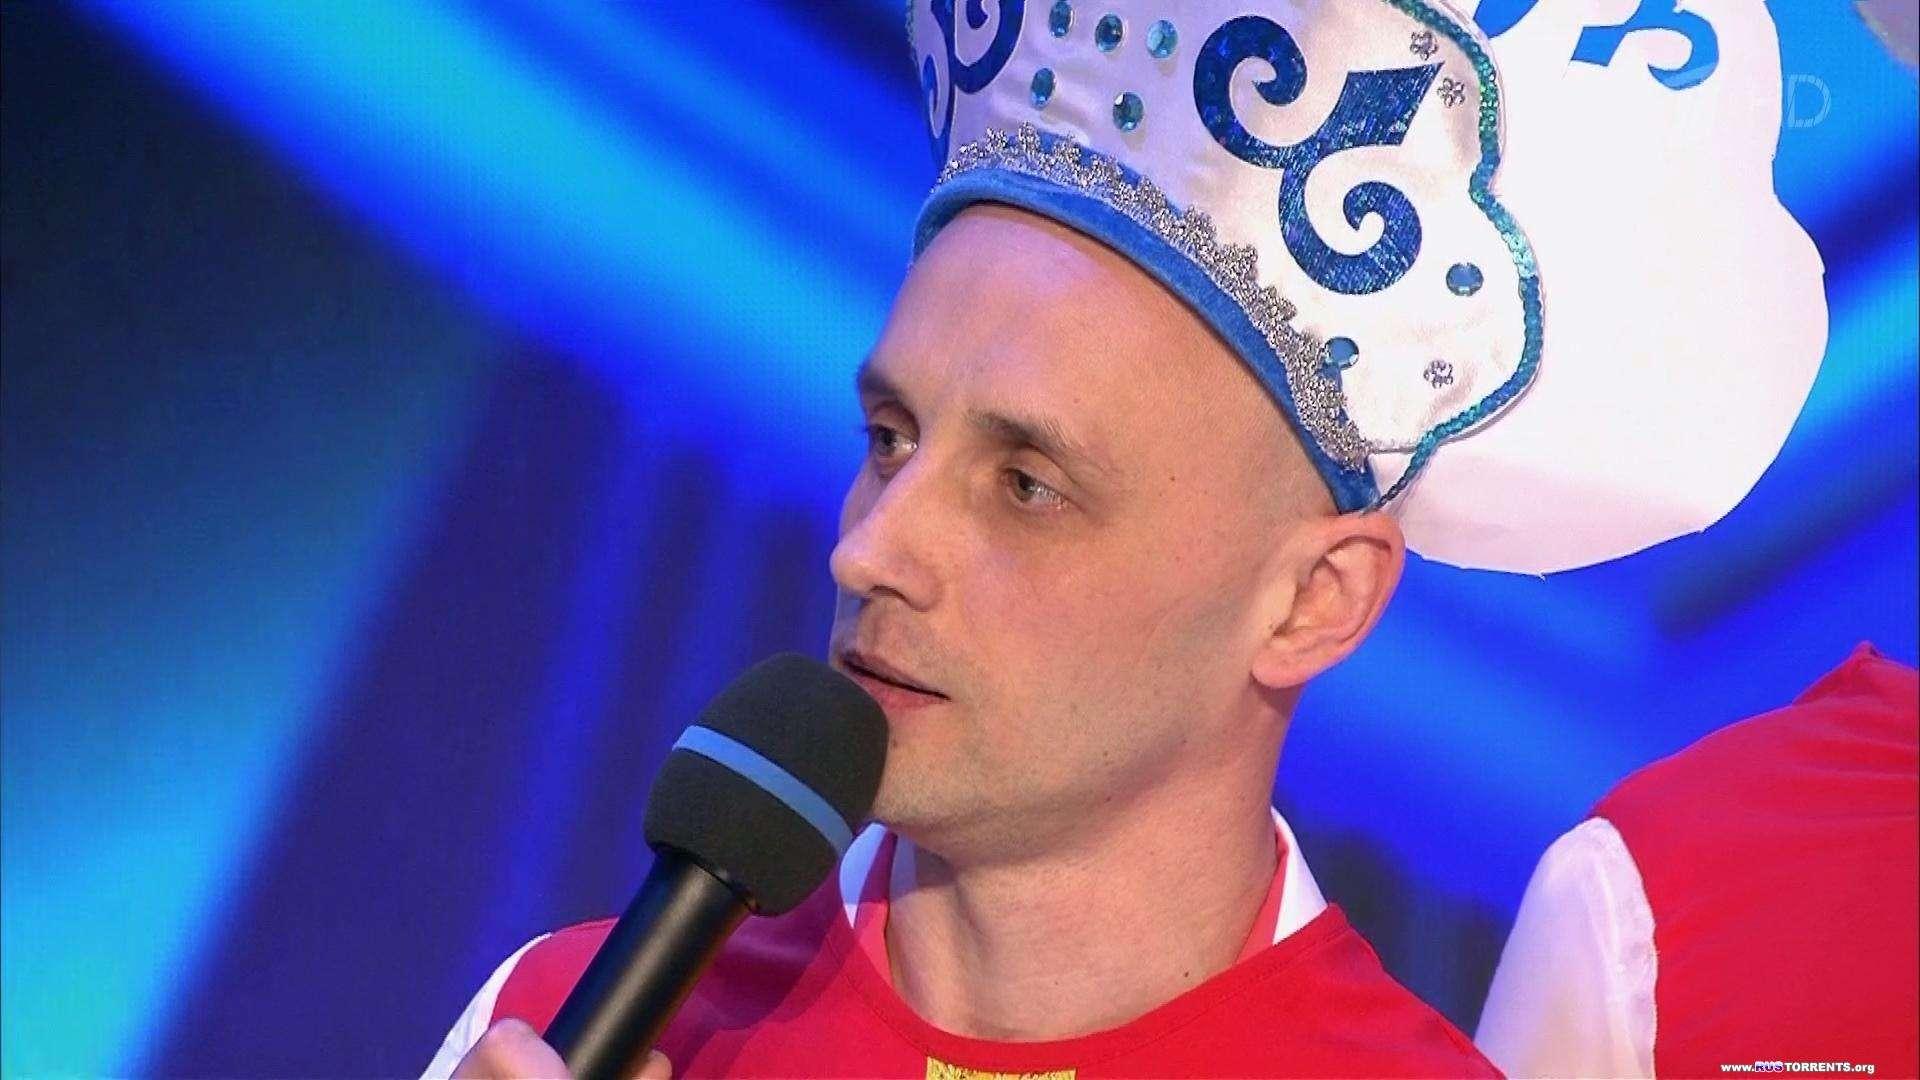 КВН. Премьер-лига. Первая игра [19.07] | HDTV 1080i